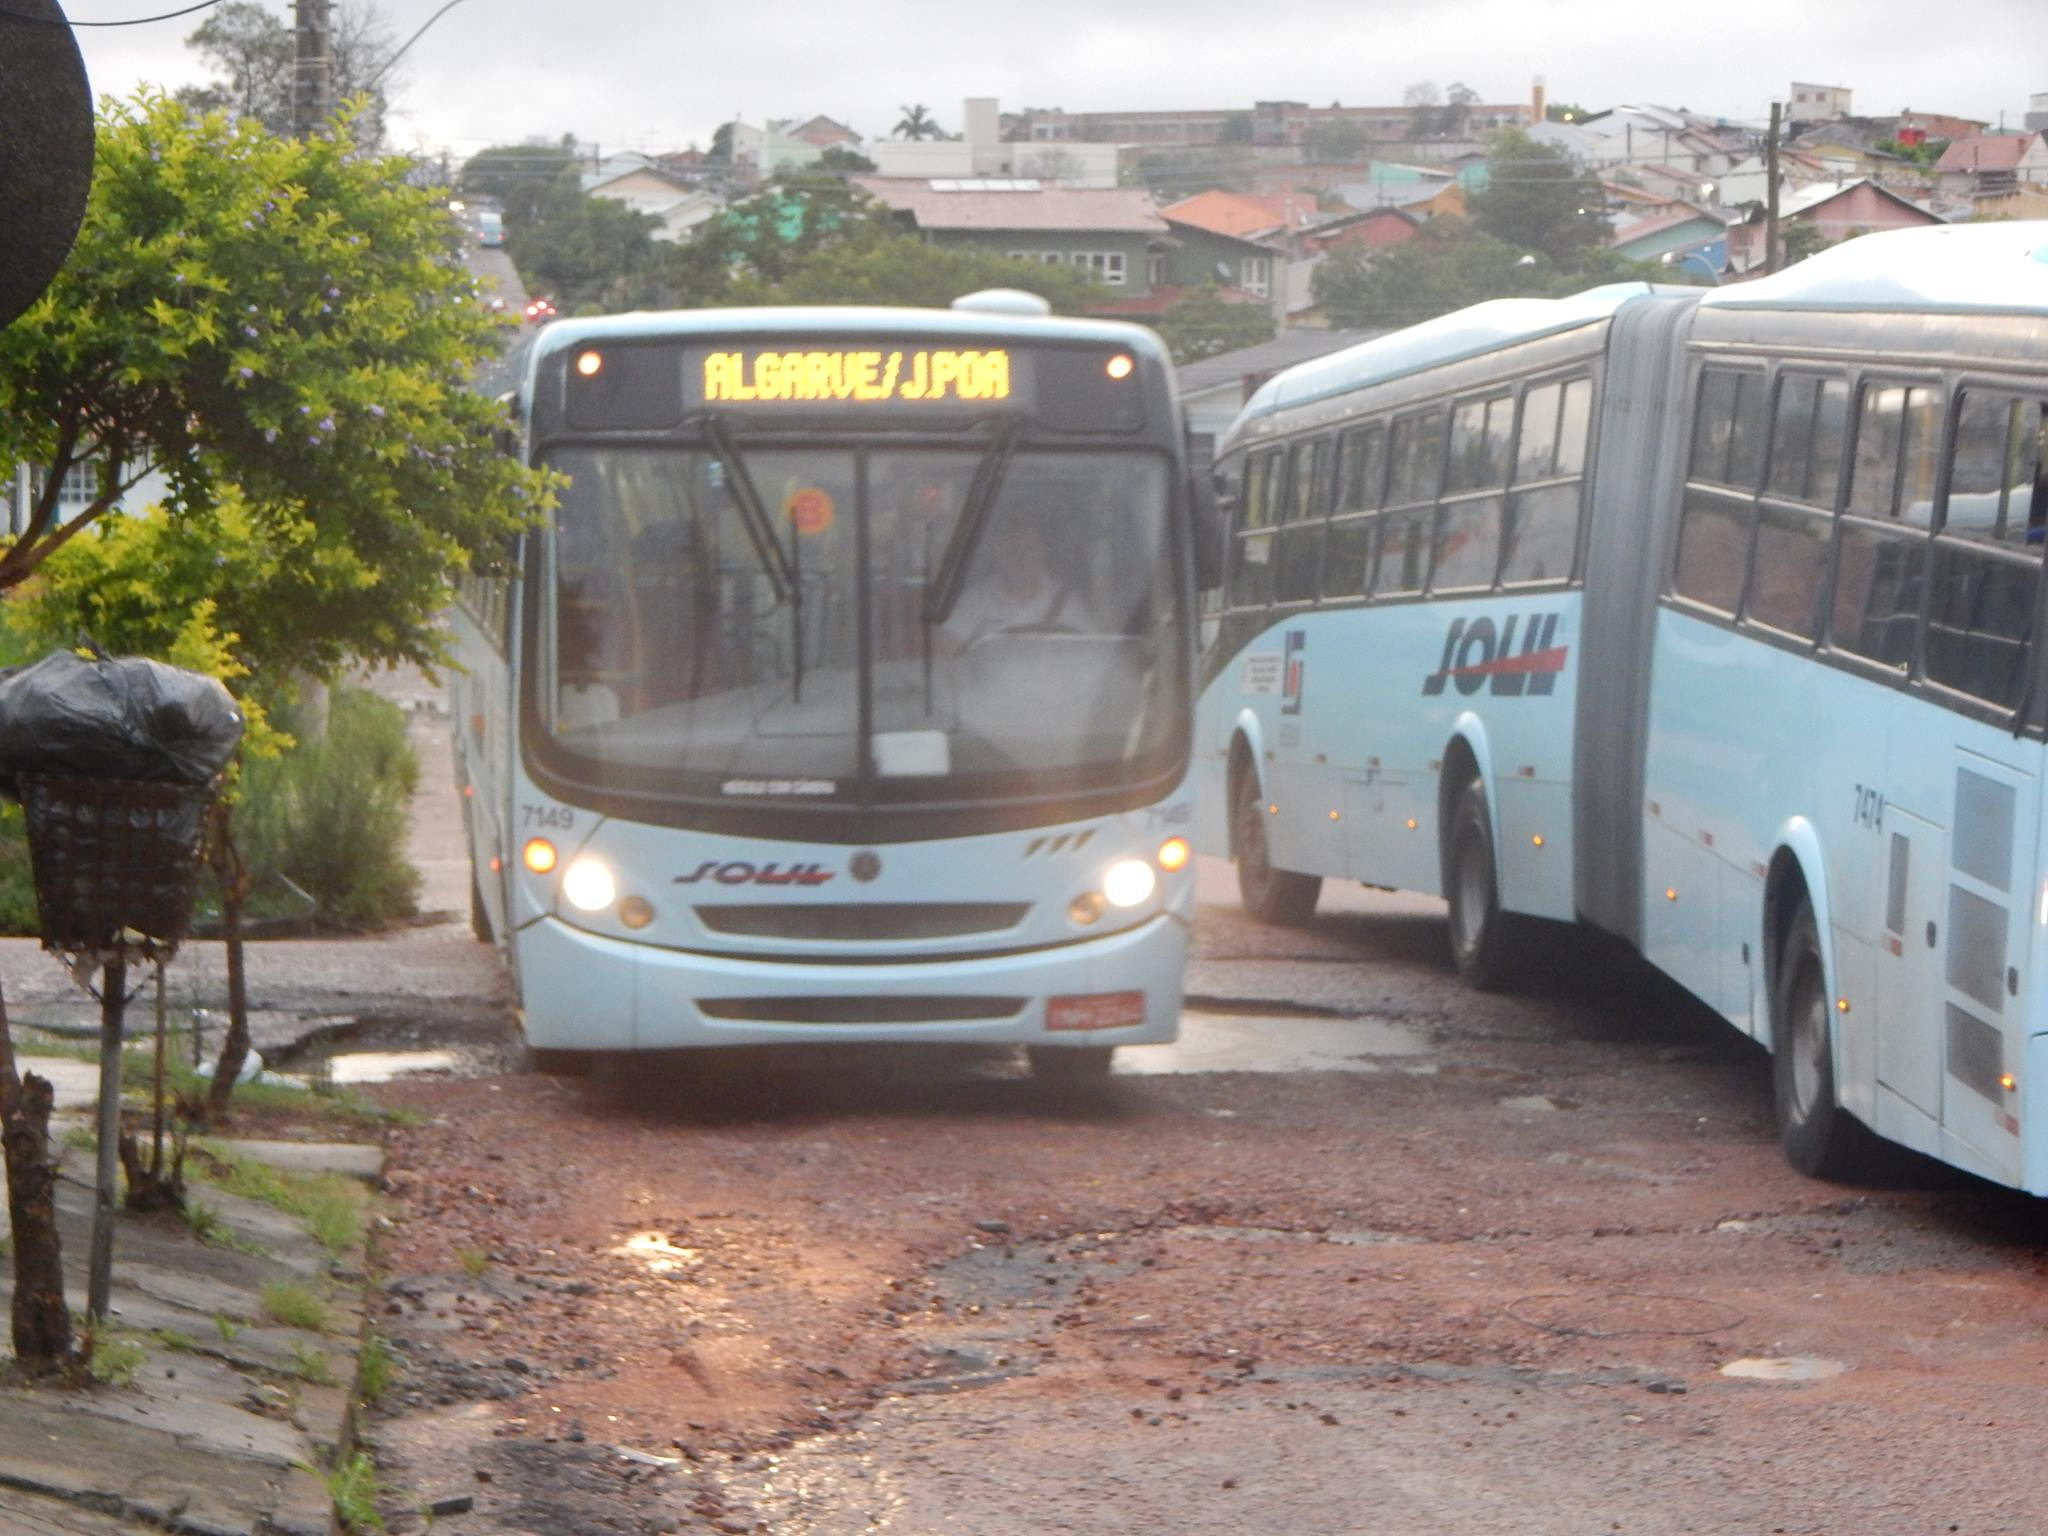 Ônibus já não circulam mais pela via / Foto: Caroline Liigabue / Especial / OA